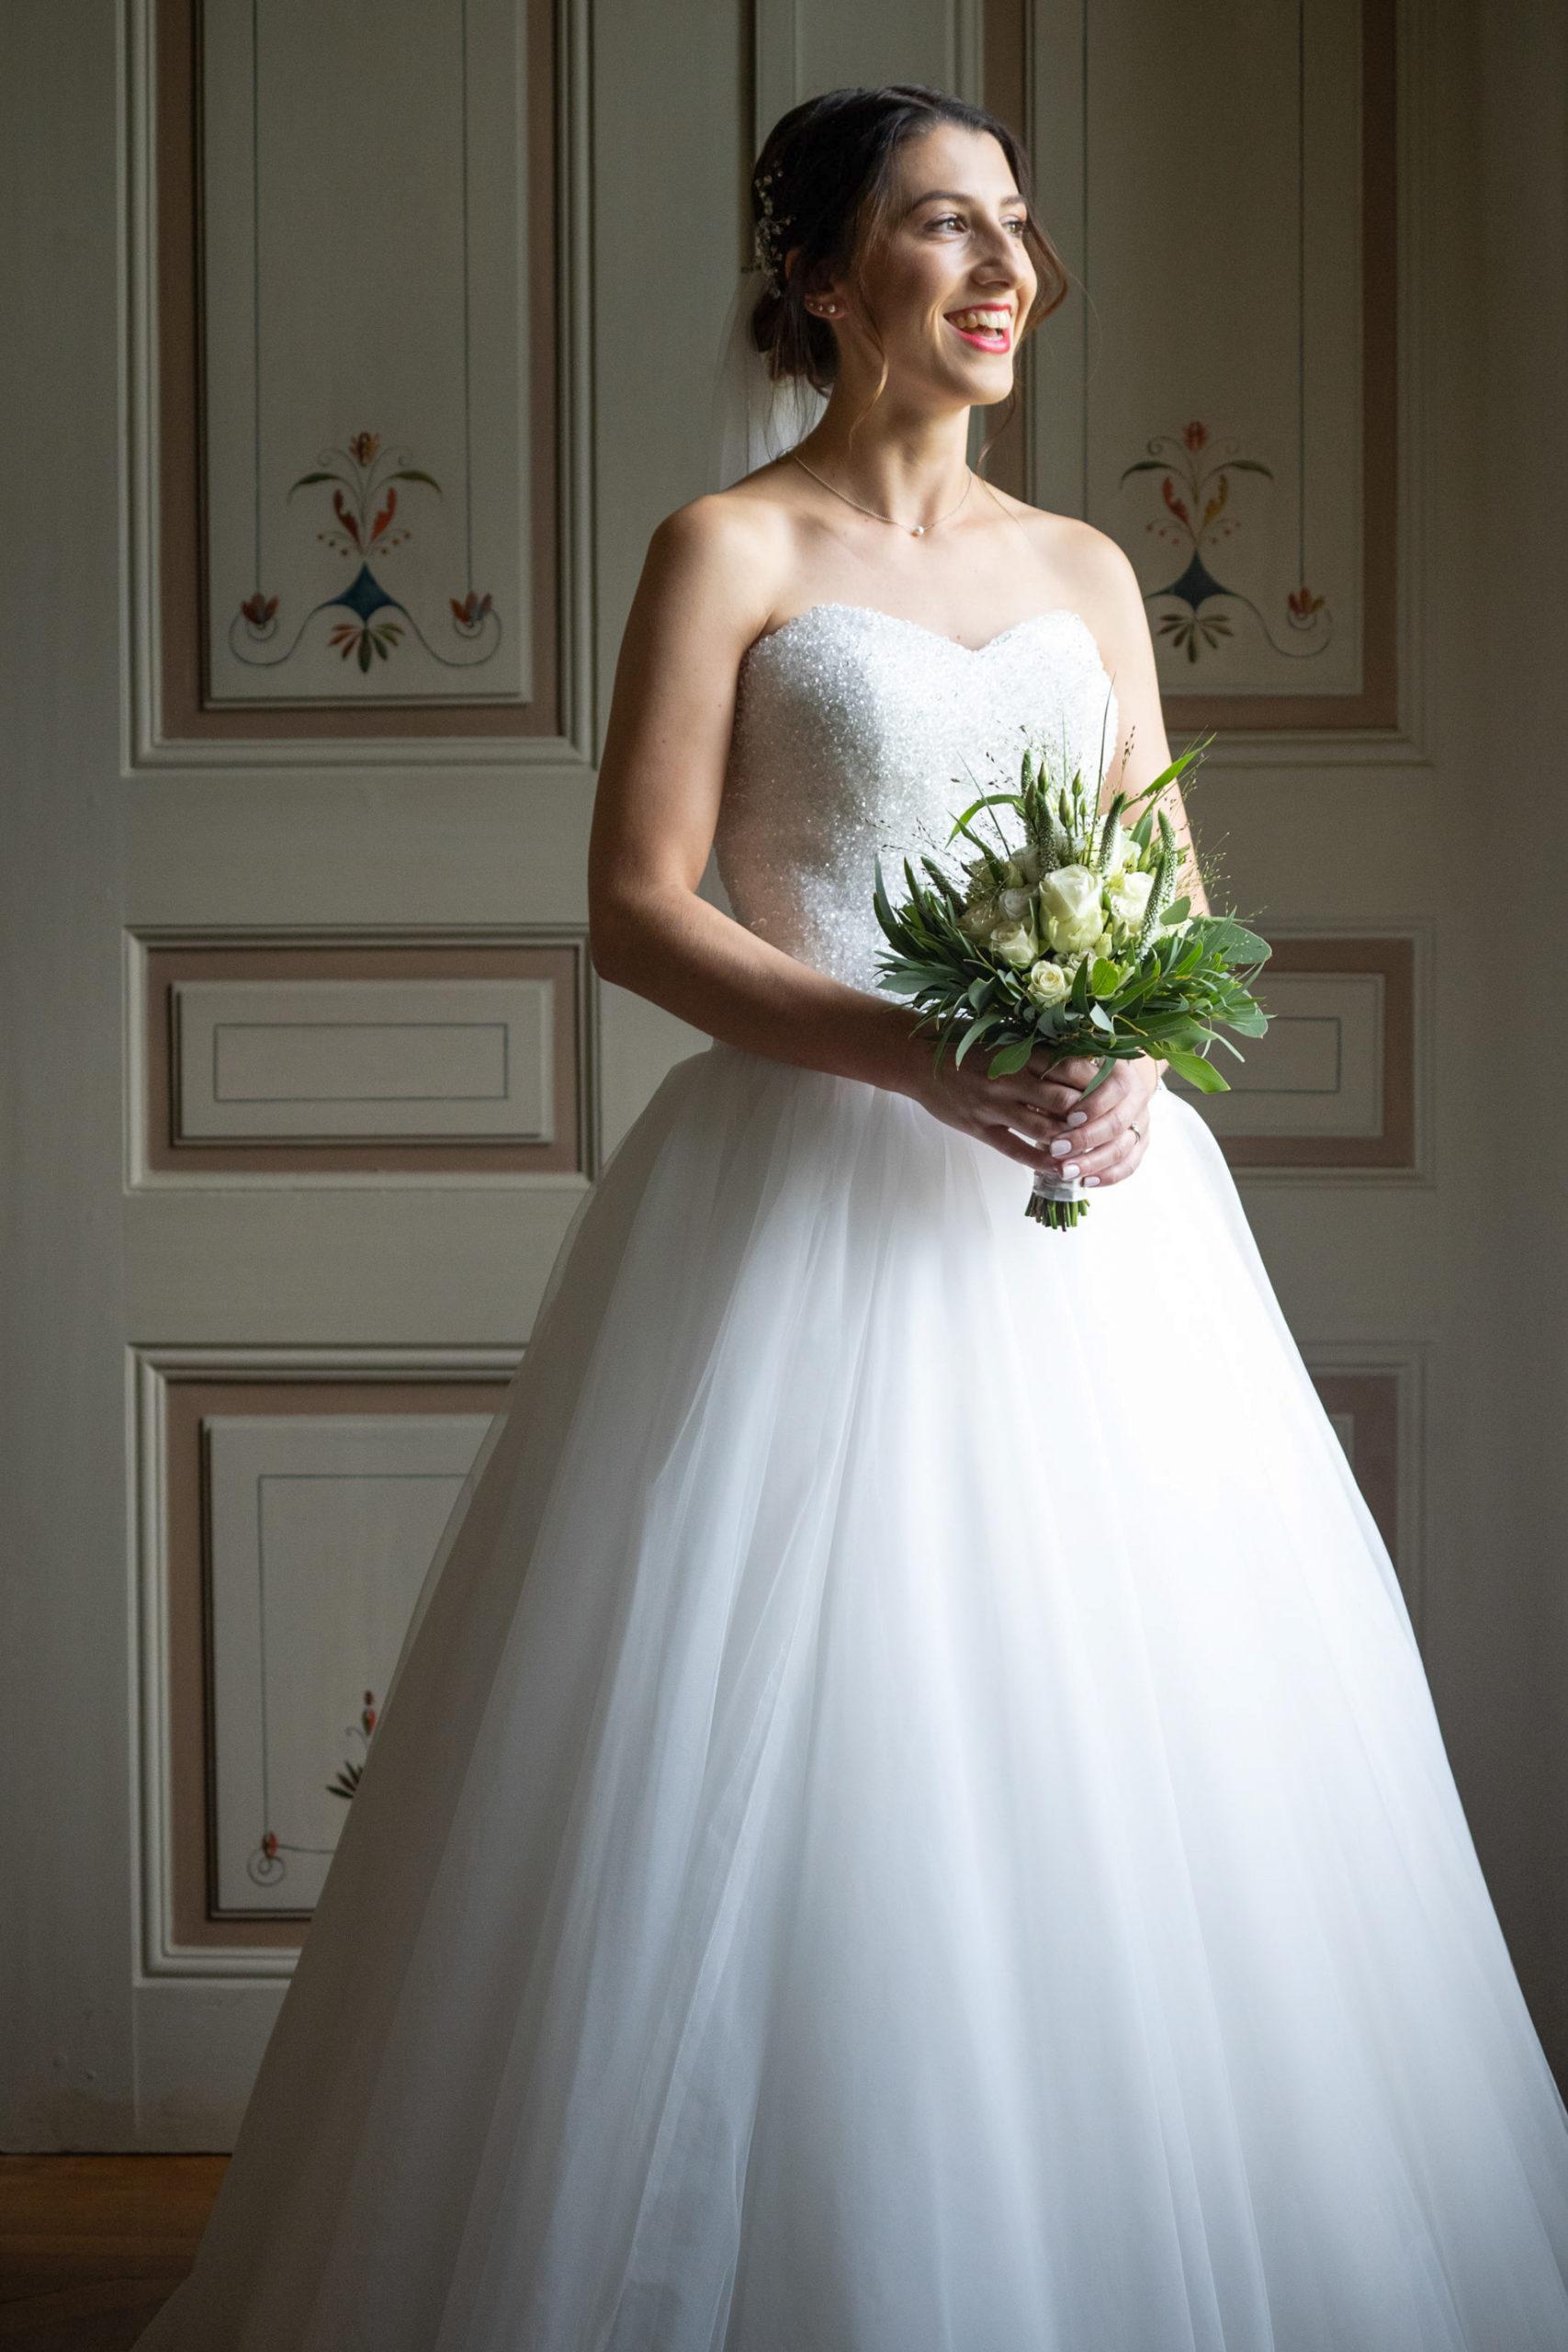 Hochzeitsfilm, Hochzeitsfotografie, Brautkleid, Brautstrauß, glücklich, Getting ready